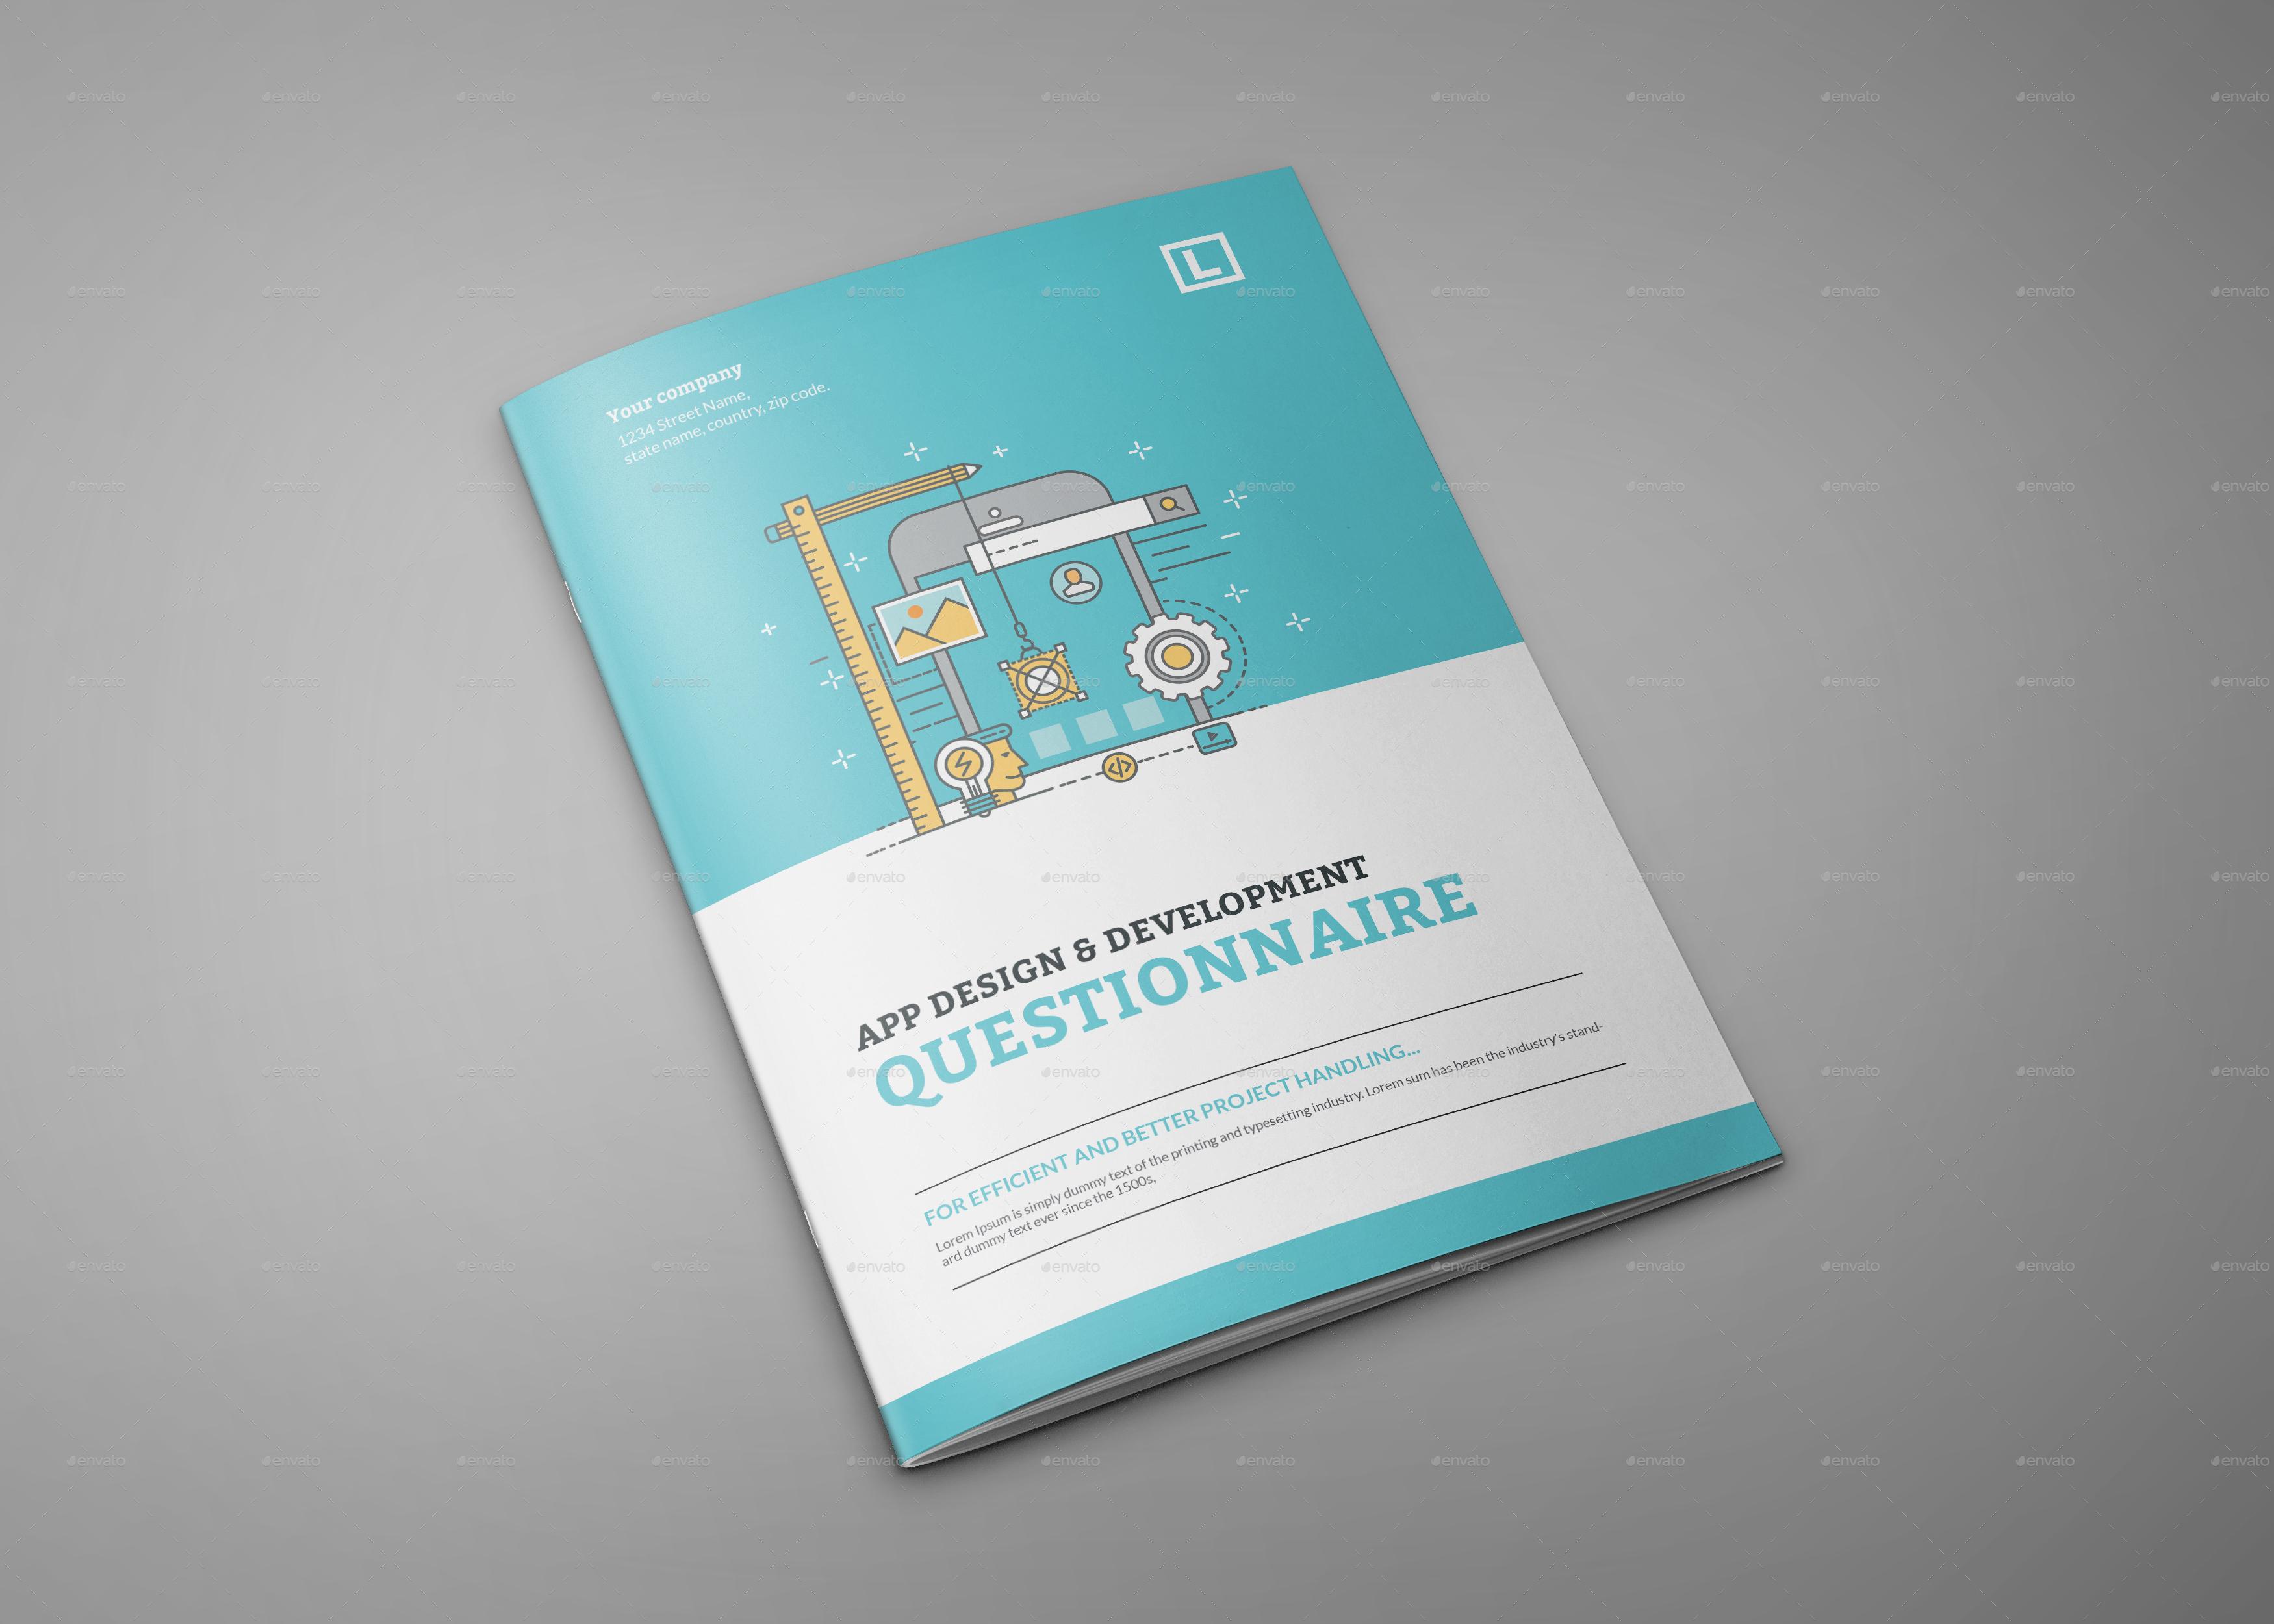 T-shirt design questionnaire - Preview App Design Questionnaire 1 Jpg